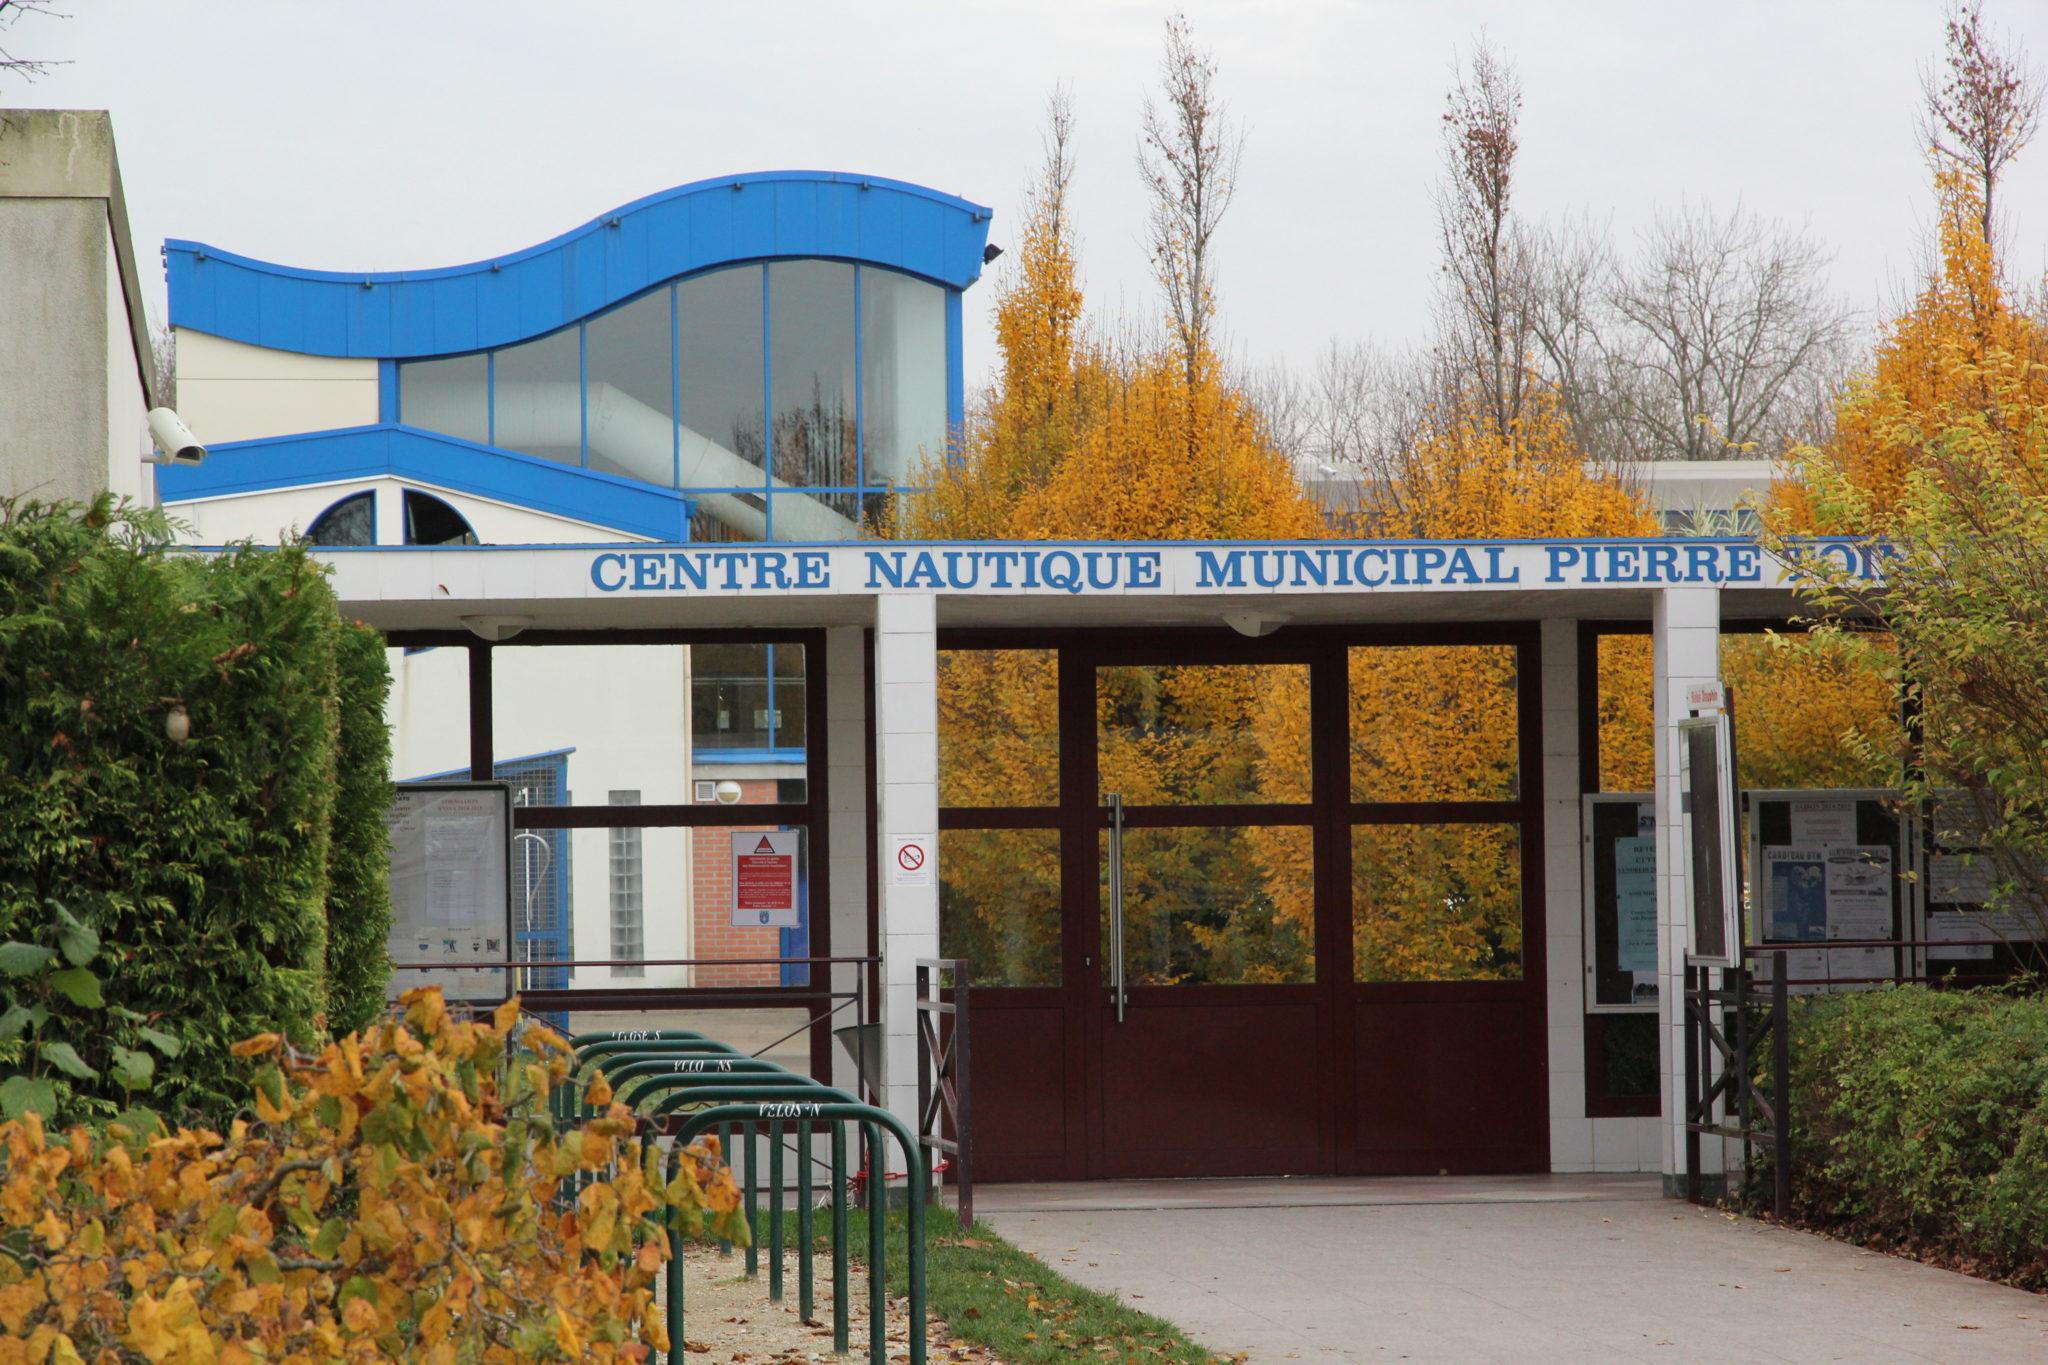 Piscine : Centre Nautique Pierre Toinot - Ville De Sens à Piscine Coulommiers Horaires